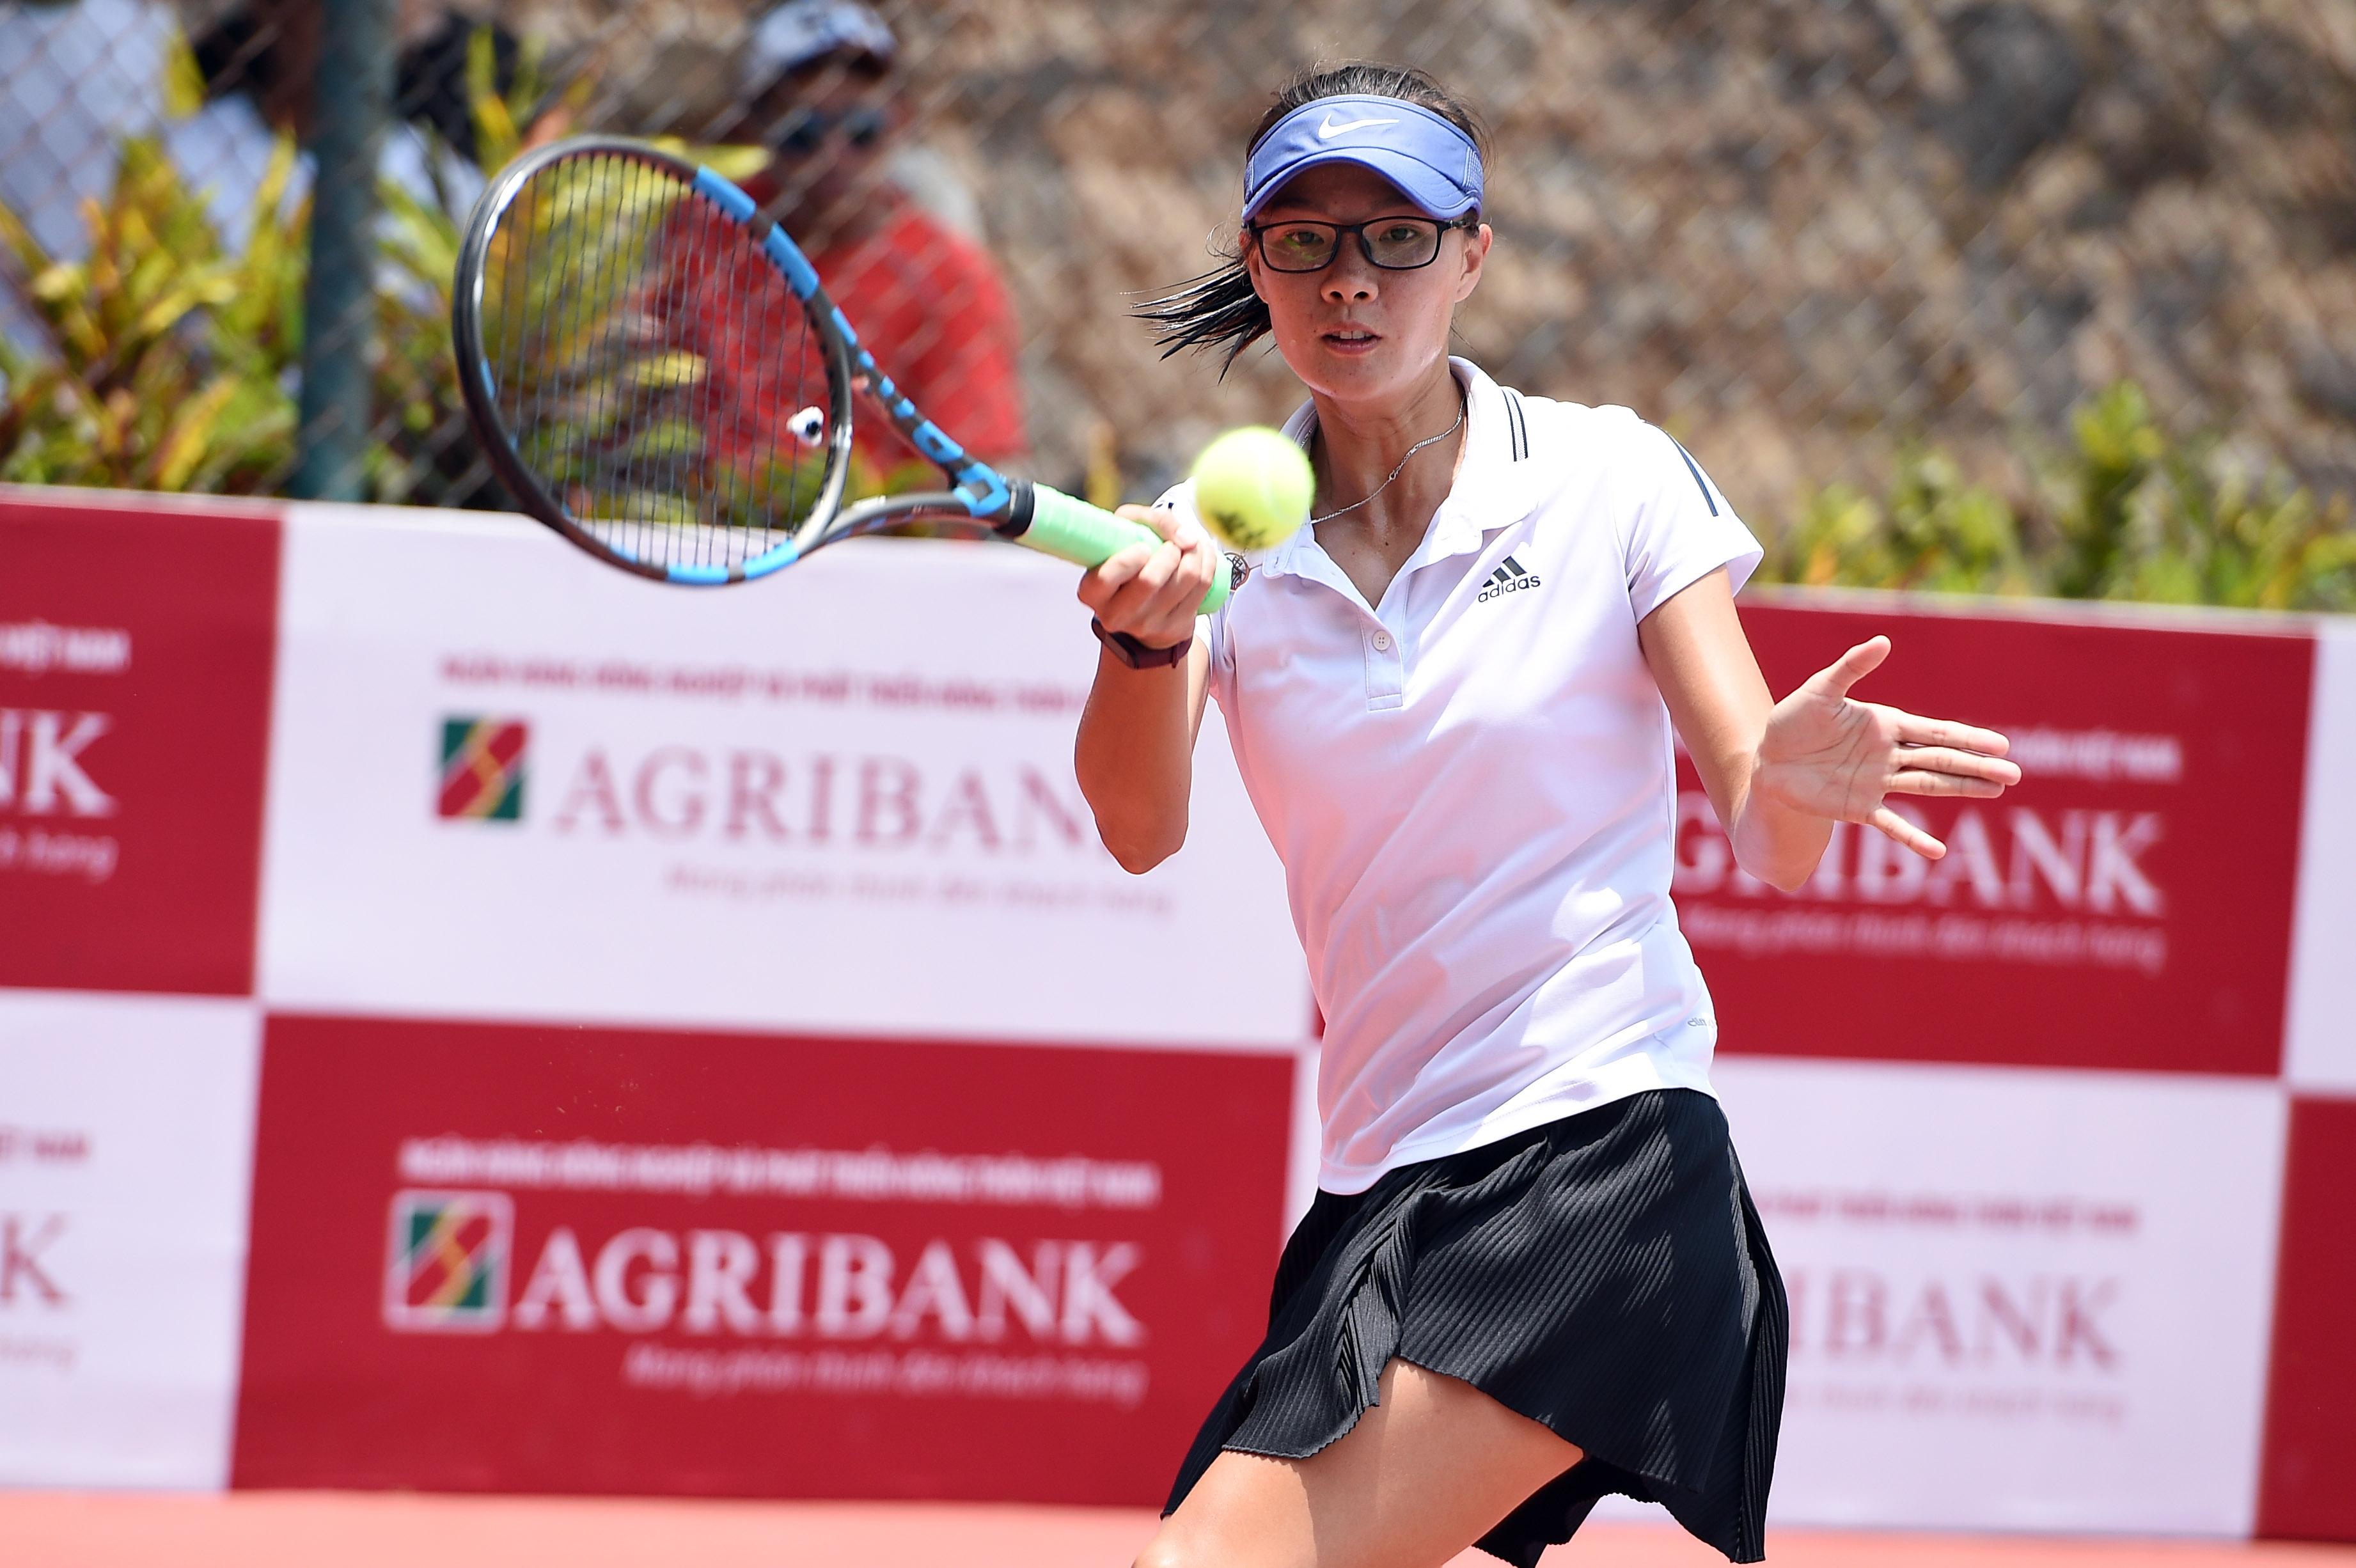 Hình ảnh: Giải quần vợt vô địch đồng đội Quốc gia 2021: Cuộc chiến đầy duyên nợ ở chung kết đồng đội nữ số 3